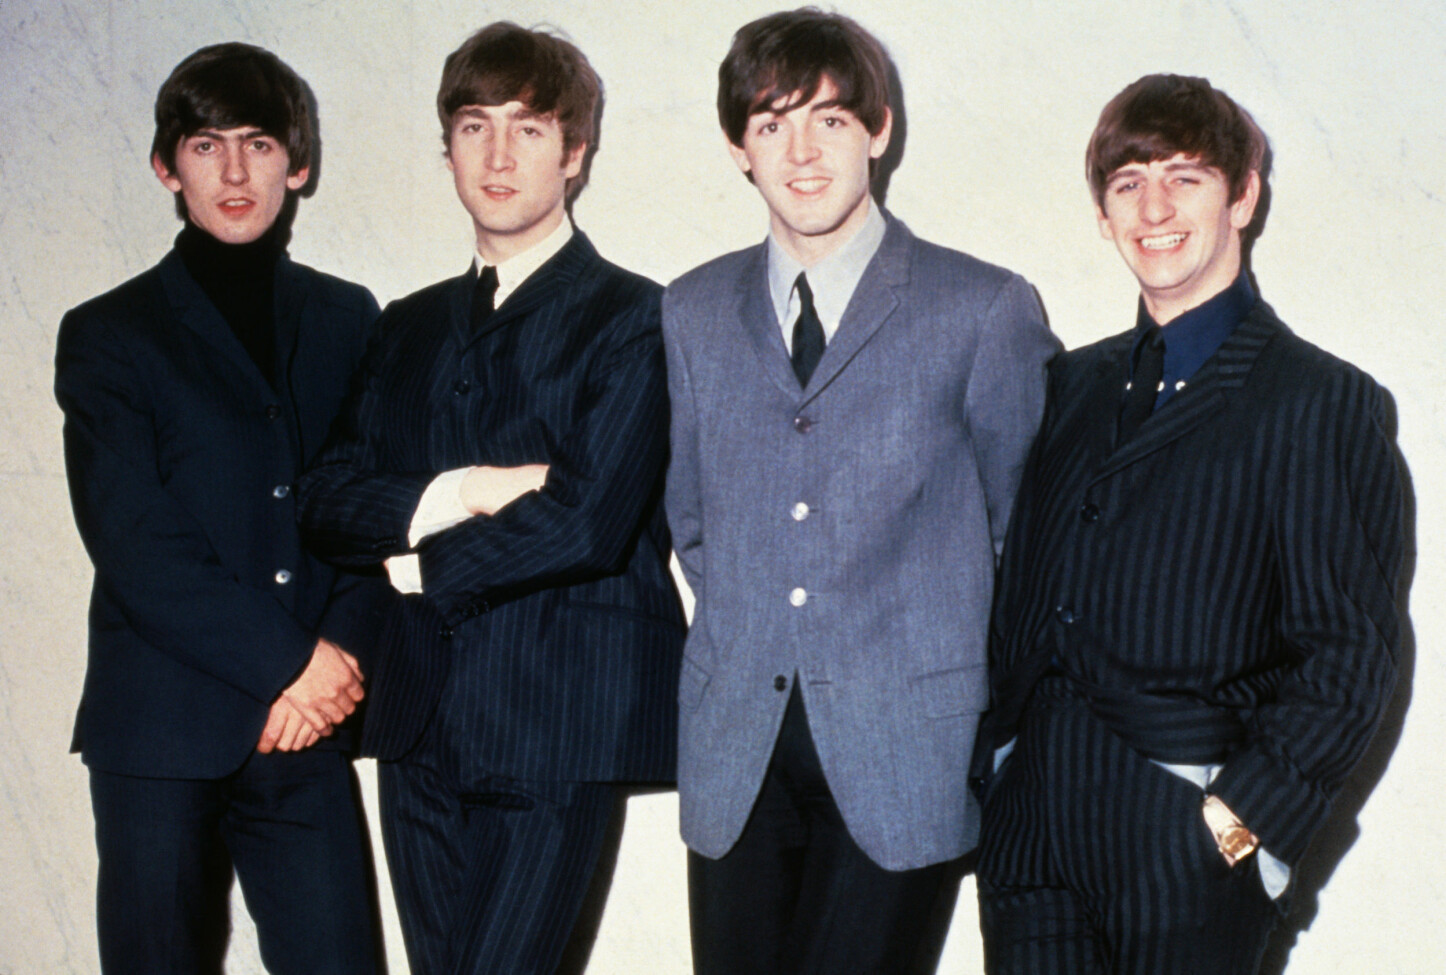 <b>OPPLØST:</b> The Beatles var på høyden av karrieren da det plutselig var slutt. Paul McCartney sier det var John Lennon som var mannen bak bruddet. Fra venstre George Harrison, John Lennon, Paul McCartney og Ringo Starr.